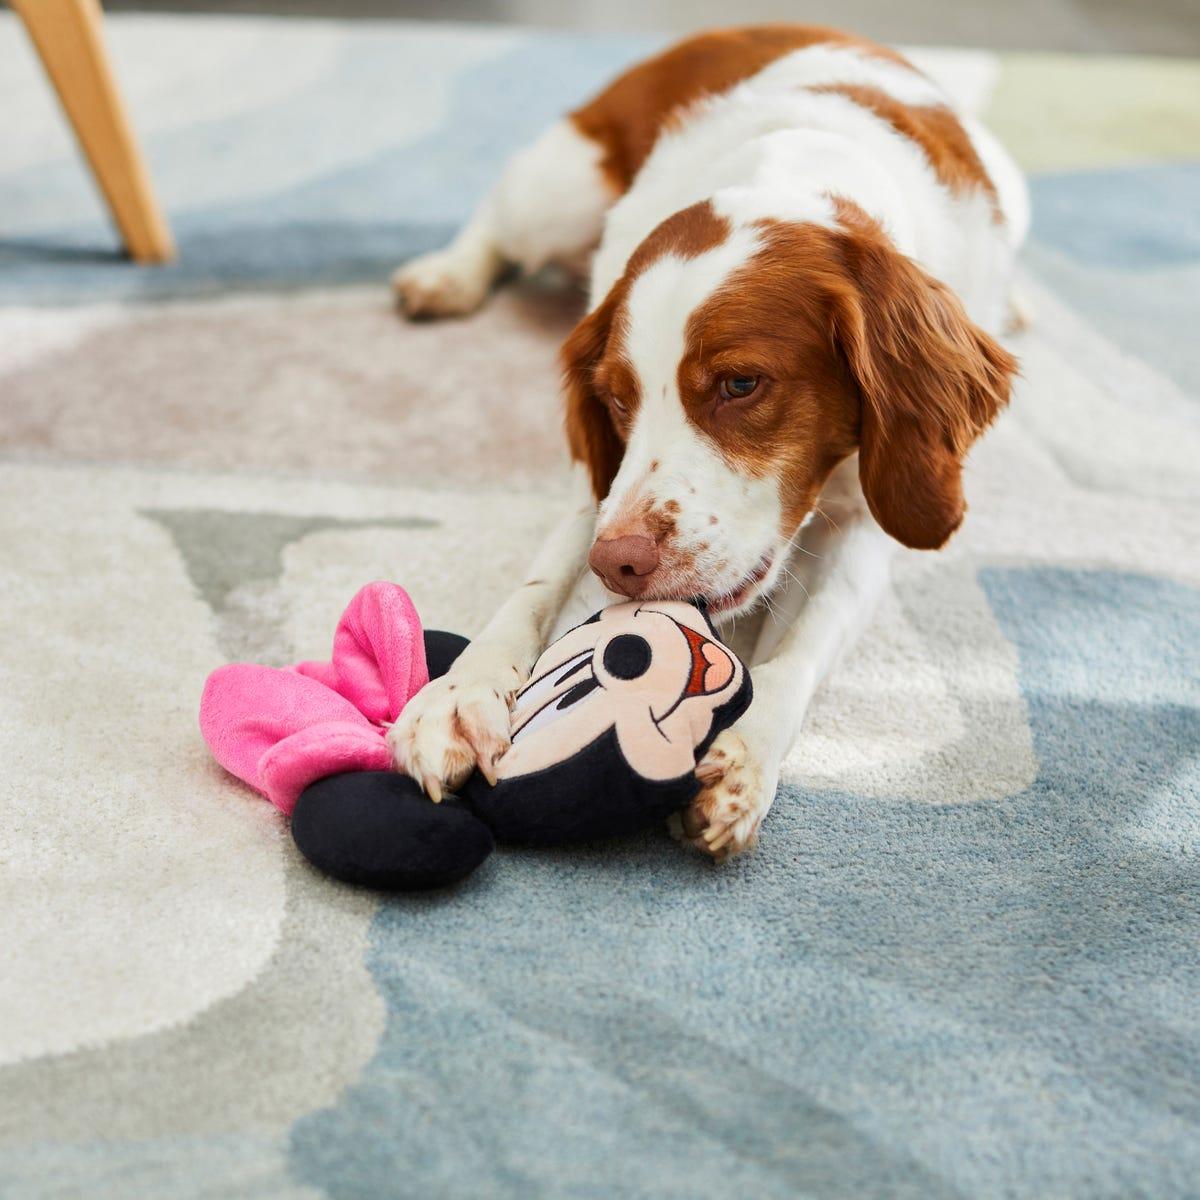 A dog chews on a plushy toy shaped like Minnie Mouse.